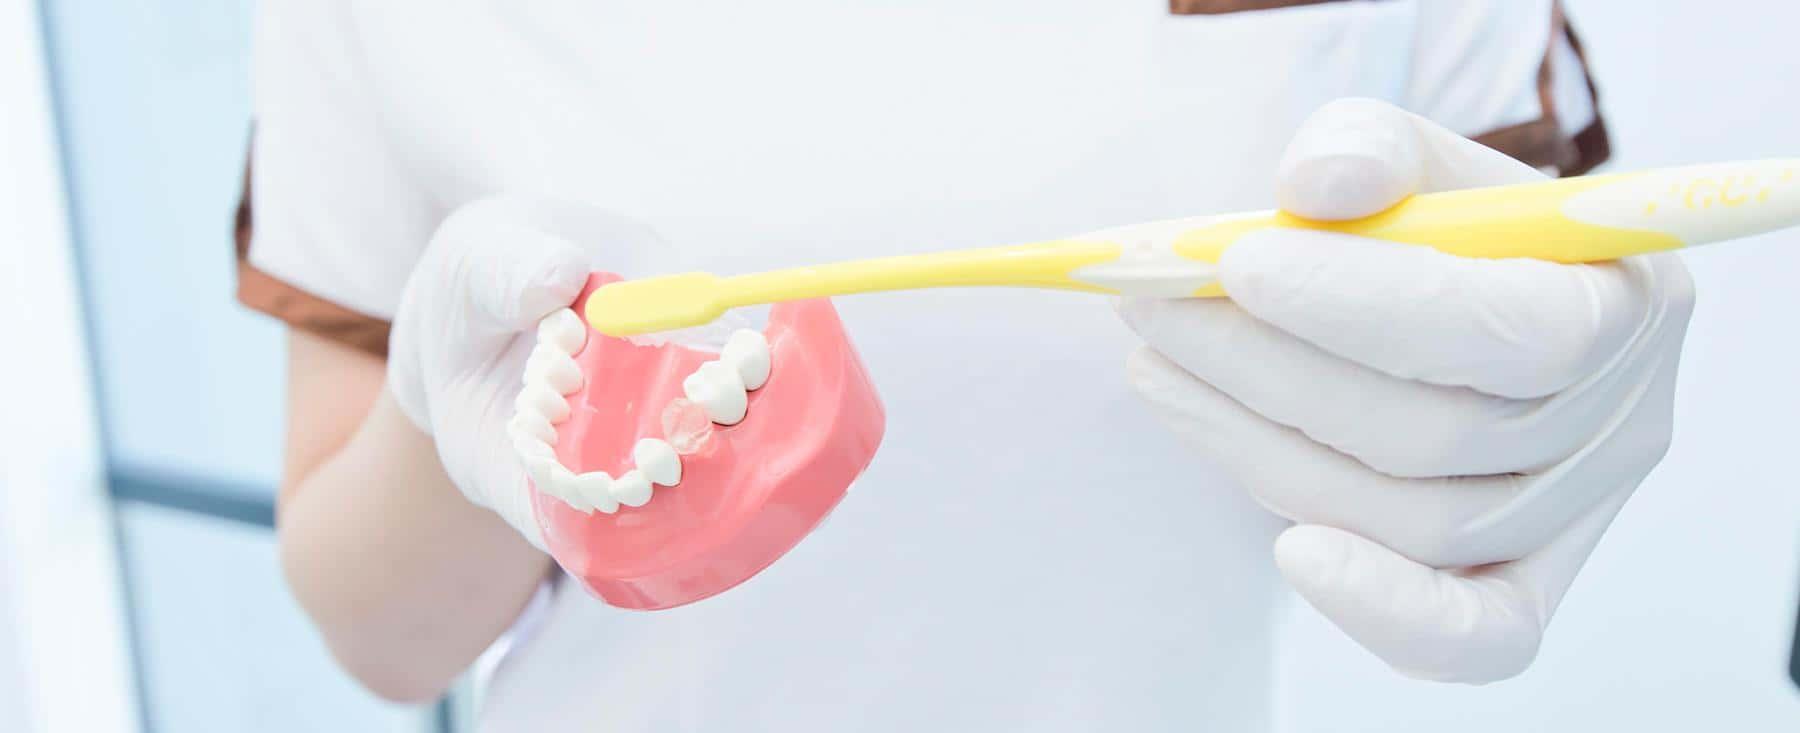 予防 虫歯 歯周病